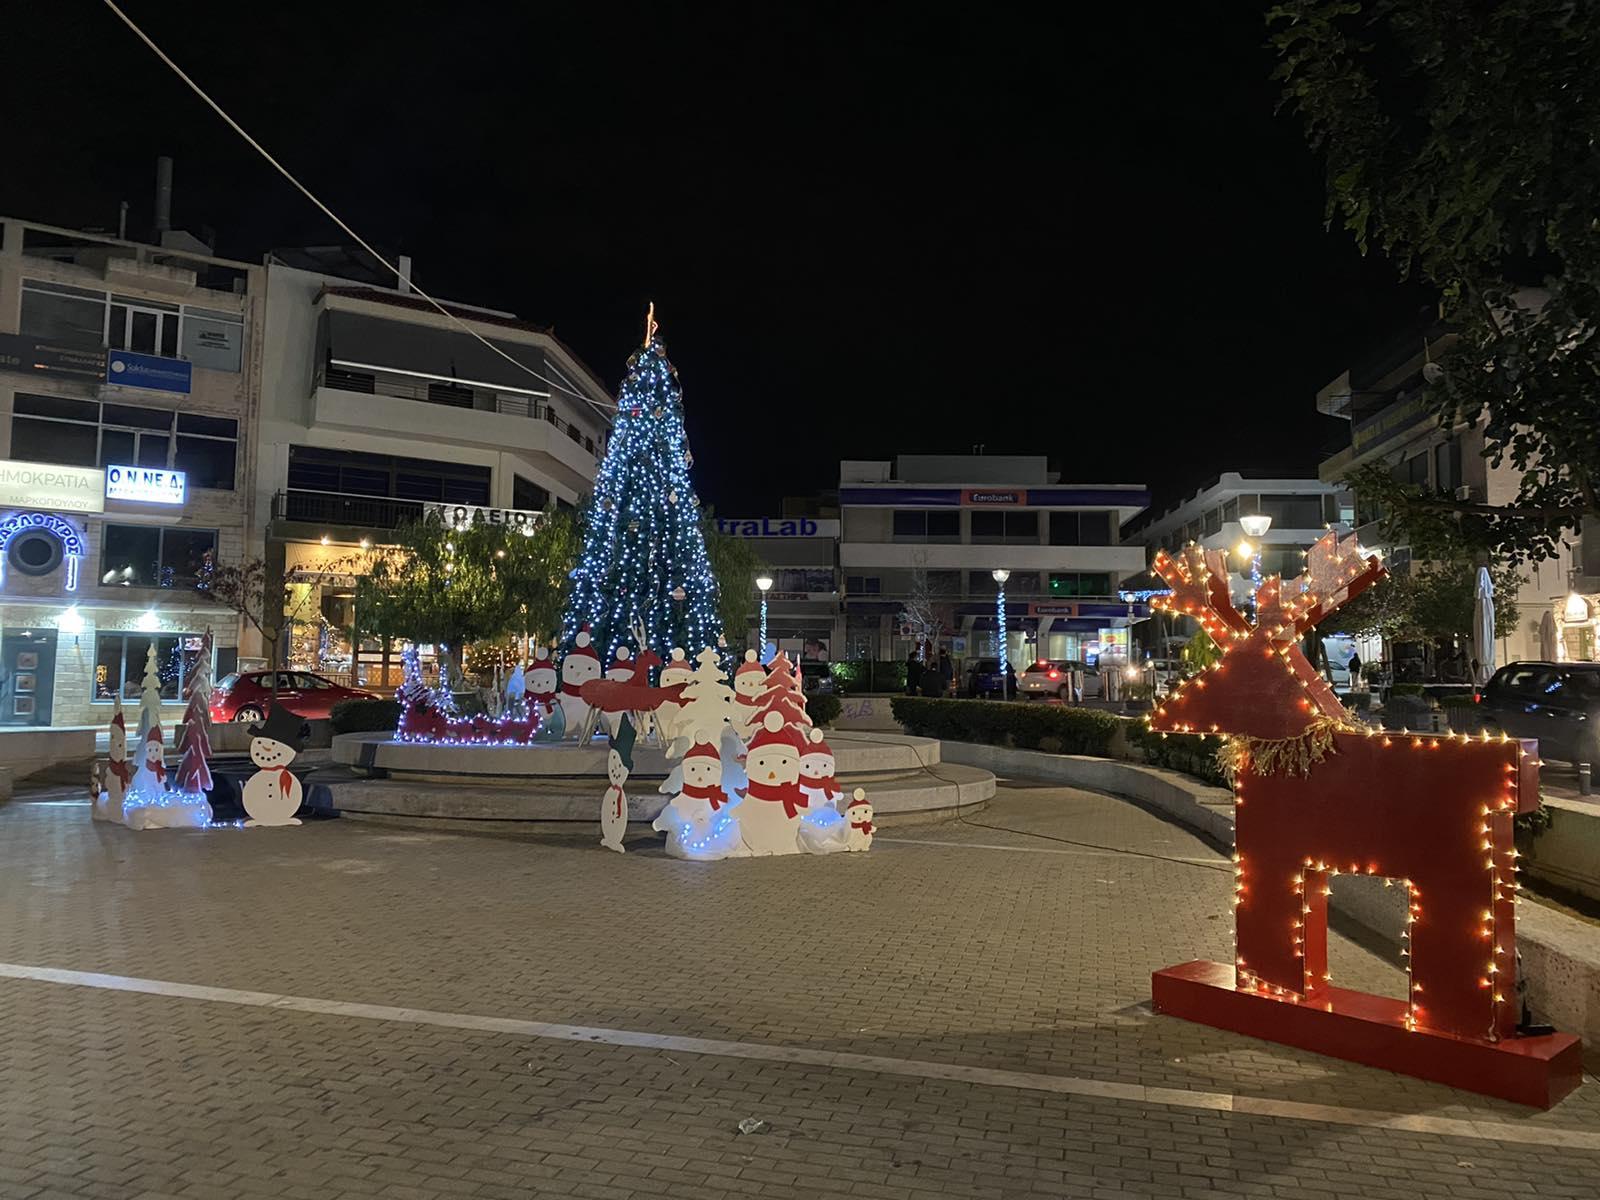 Χριστουγεννιάτικος στολισμός δήμου ΜΑΡΚΟΠΟΥΛΟΥ 2020